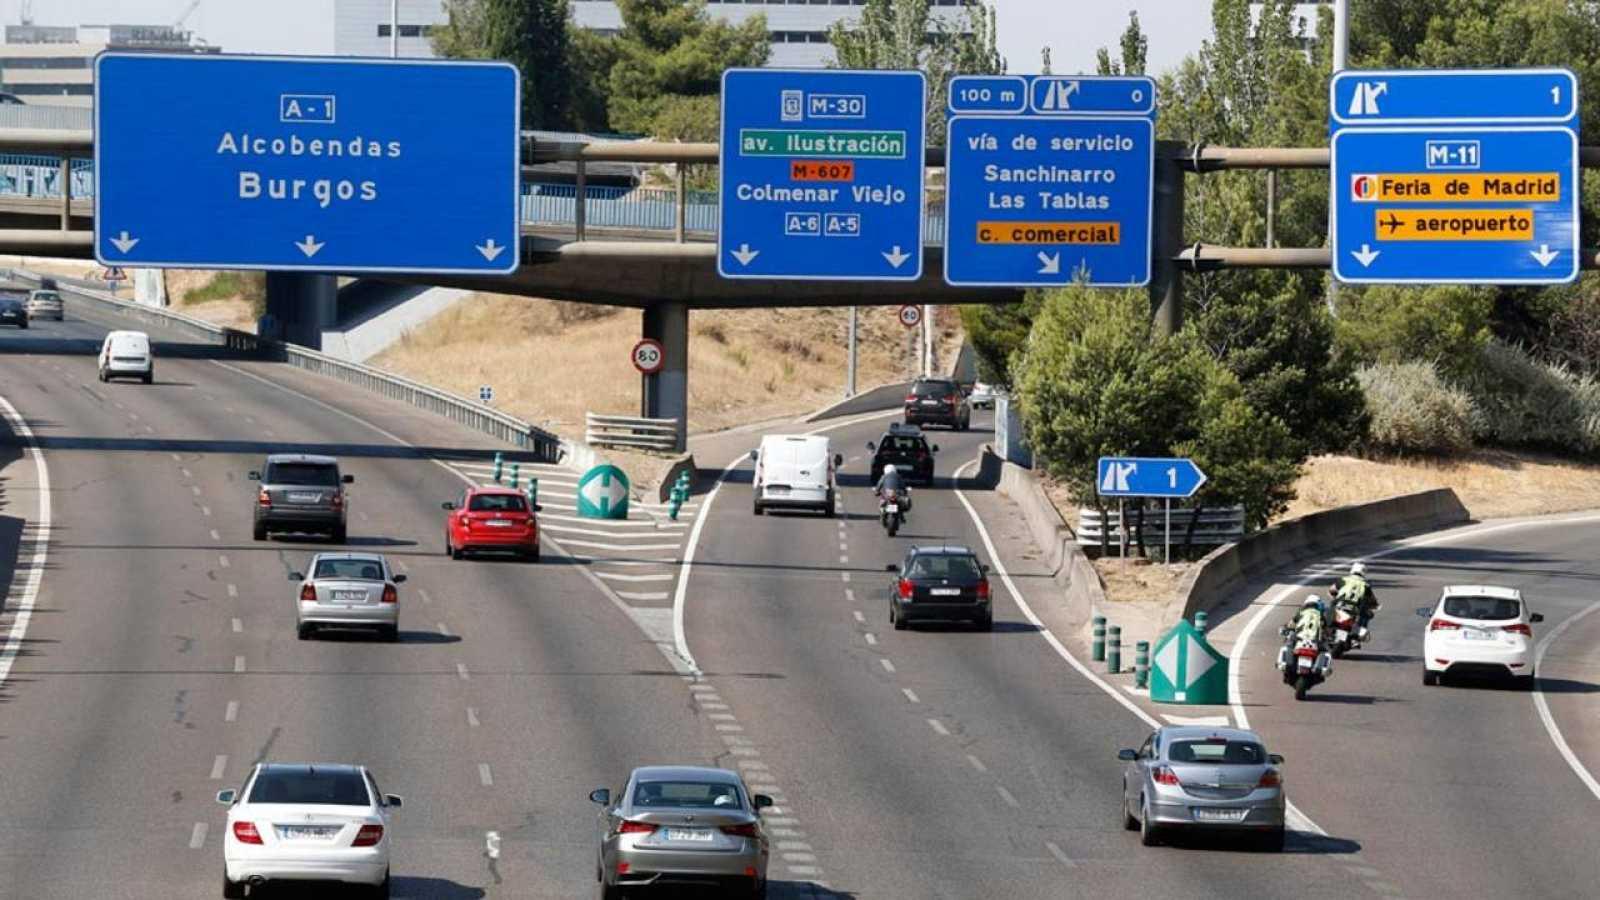 Imagen de las carreteras españolas durante estas fechas